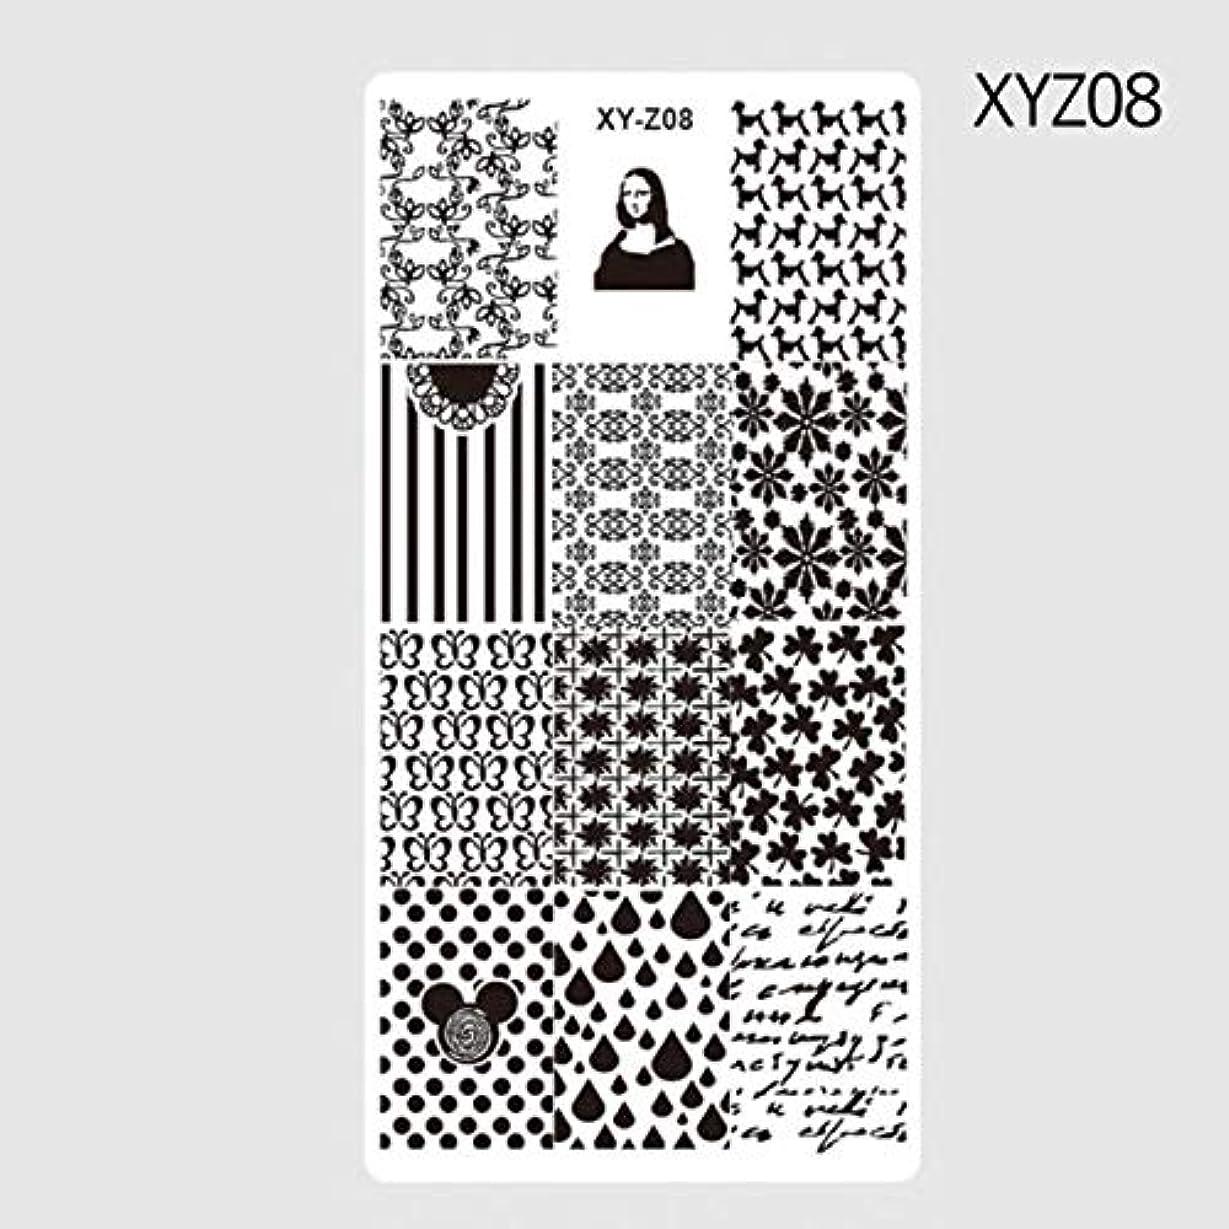 正確な複合怒ってビューティー&パーソナルケア 3ピースネイルスタンピングテンプレート風車花柄DIYネイルデザイン(XYZ01) ステッカー&デカール (色 : XYZ08)